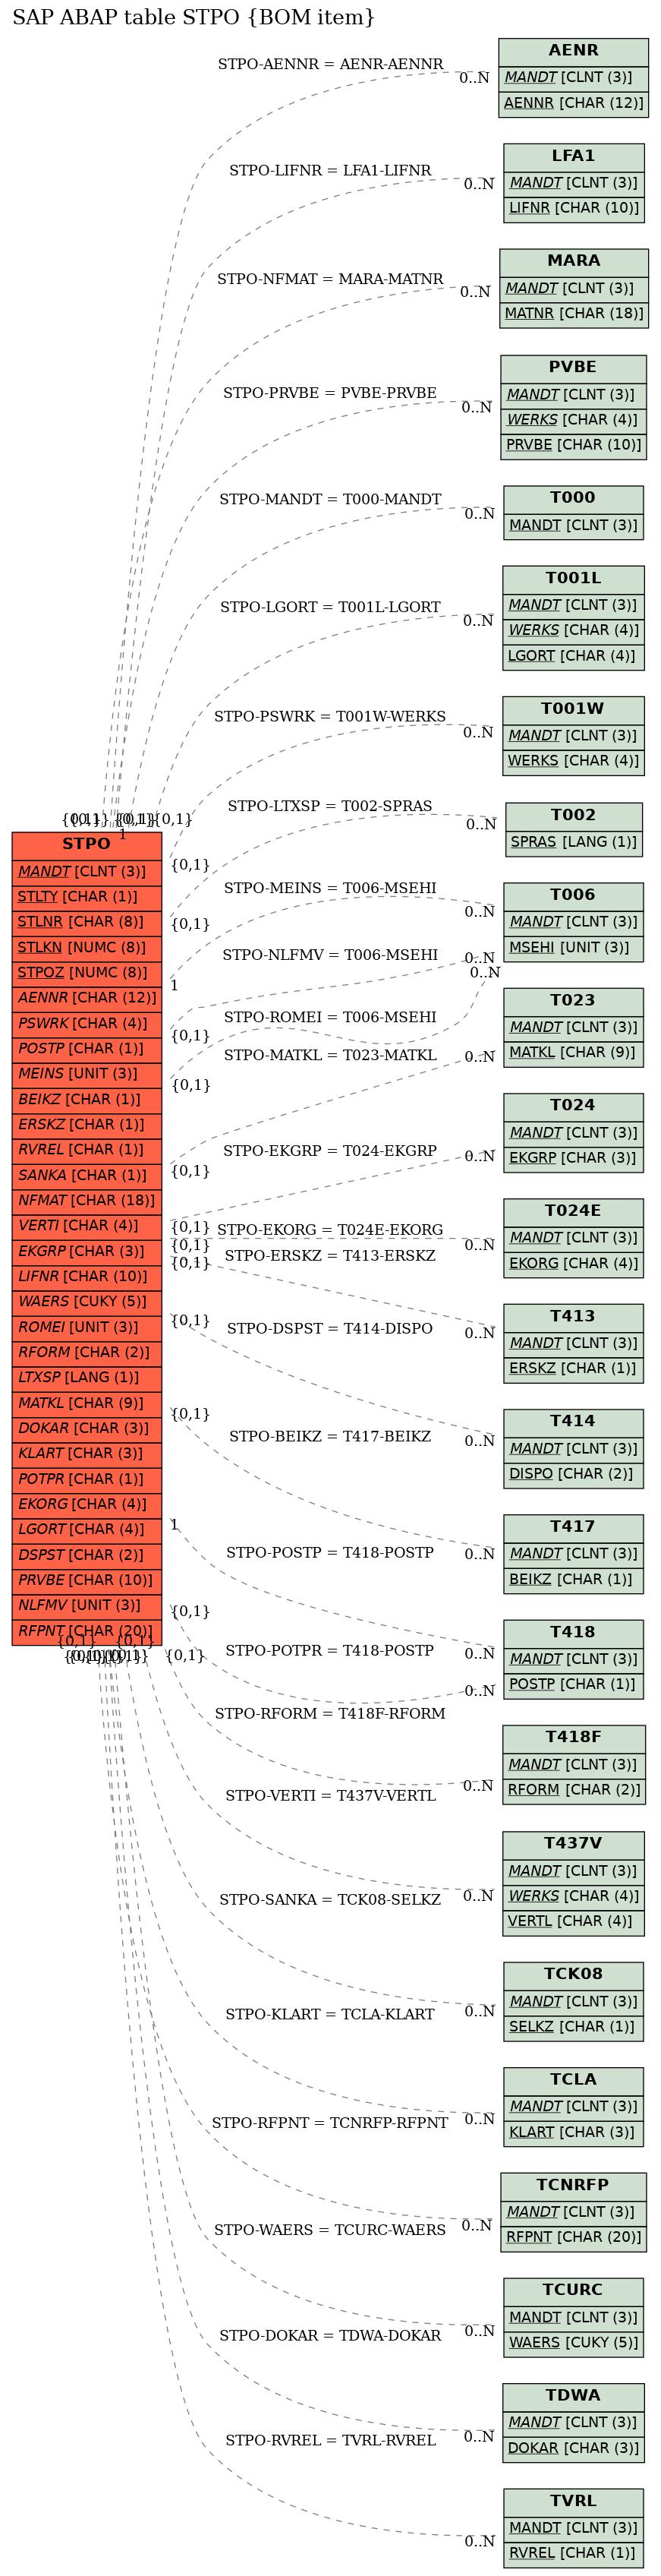 SAP ABAP Table STPO (BOM item) - SAP Datasheet - The Best